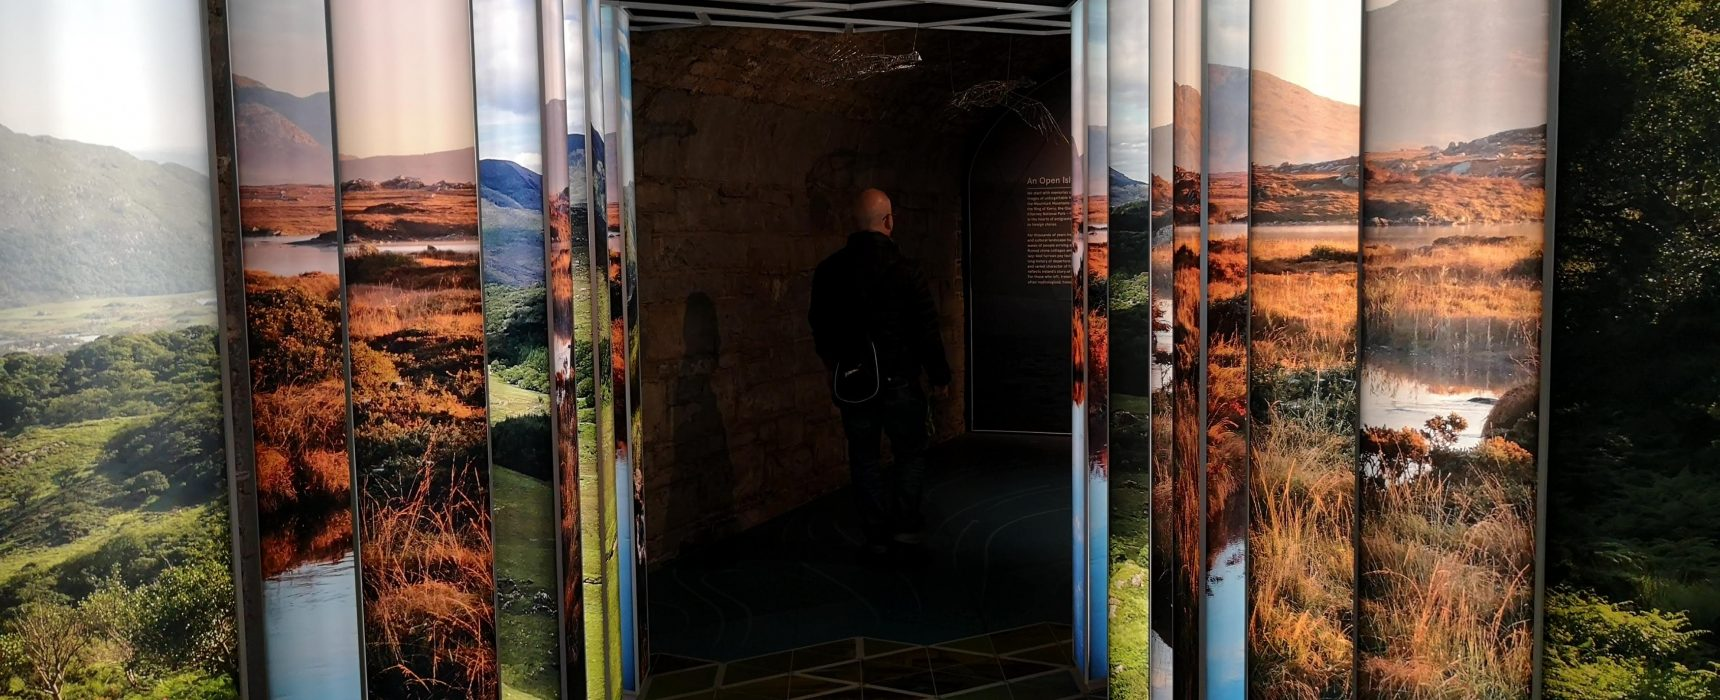 galleria interattiva museo EPIC emigrazione irlandese Dublino da non perdere informazioni utili meteo